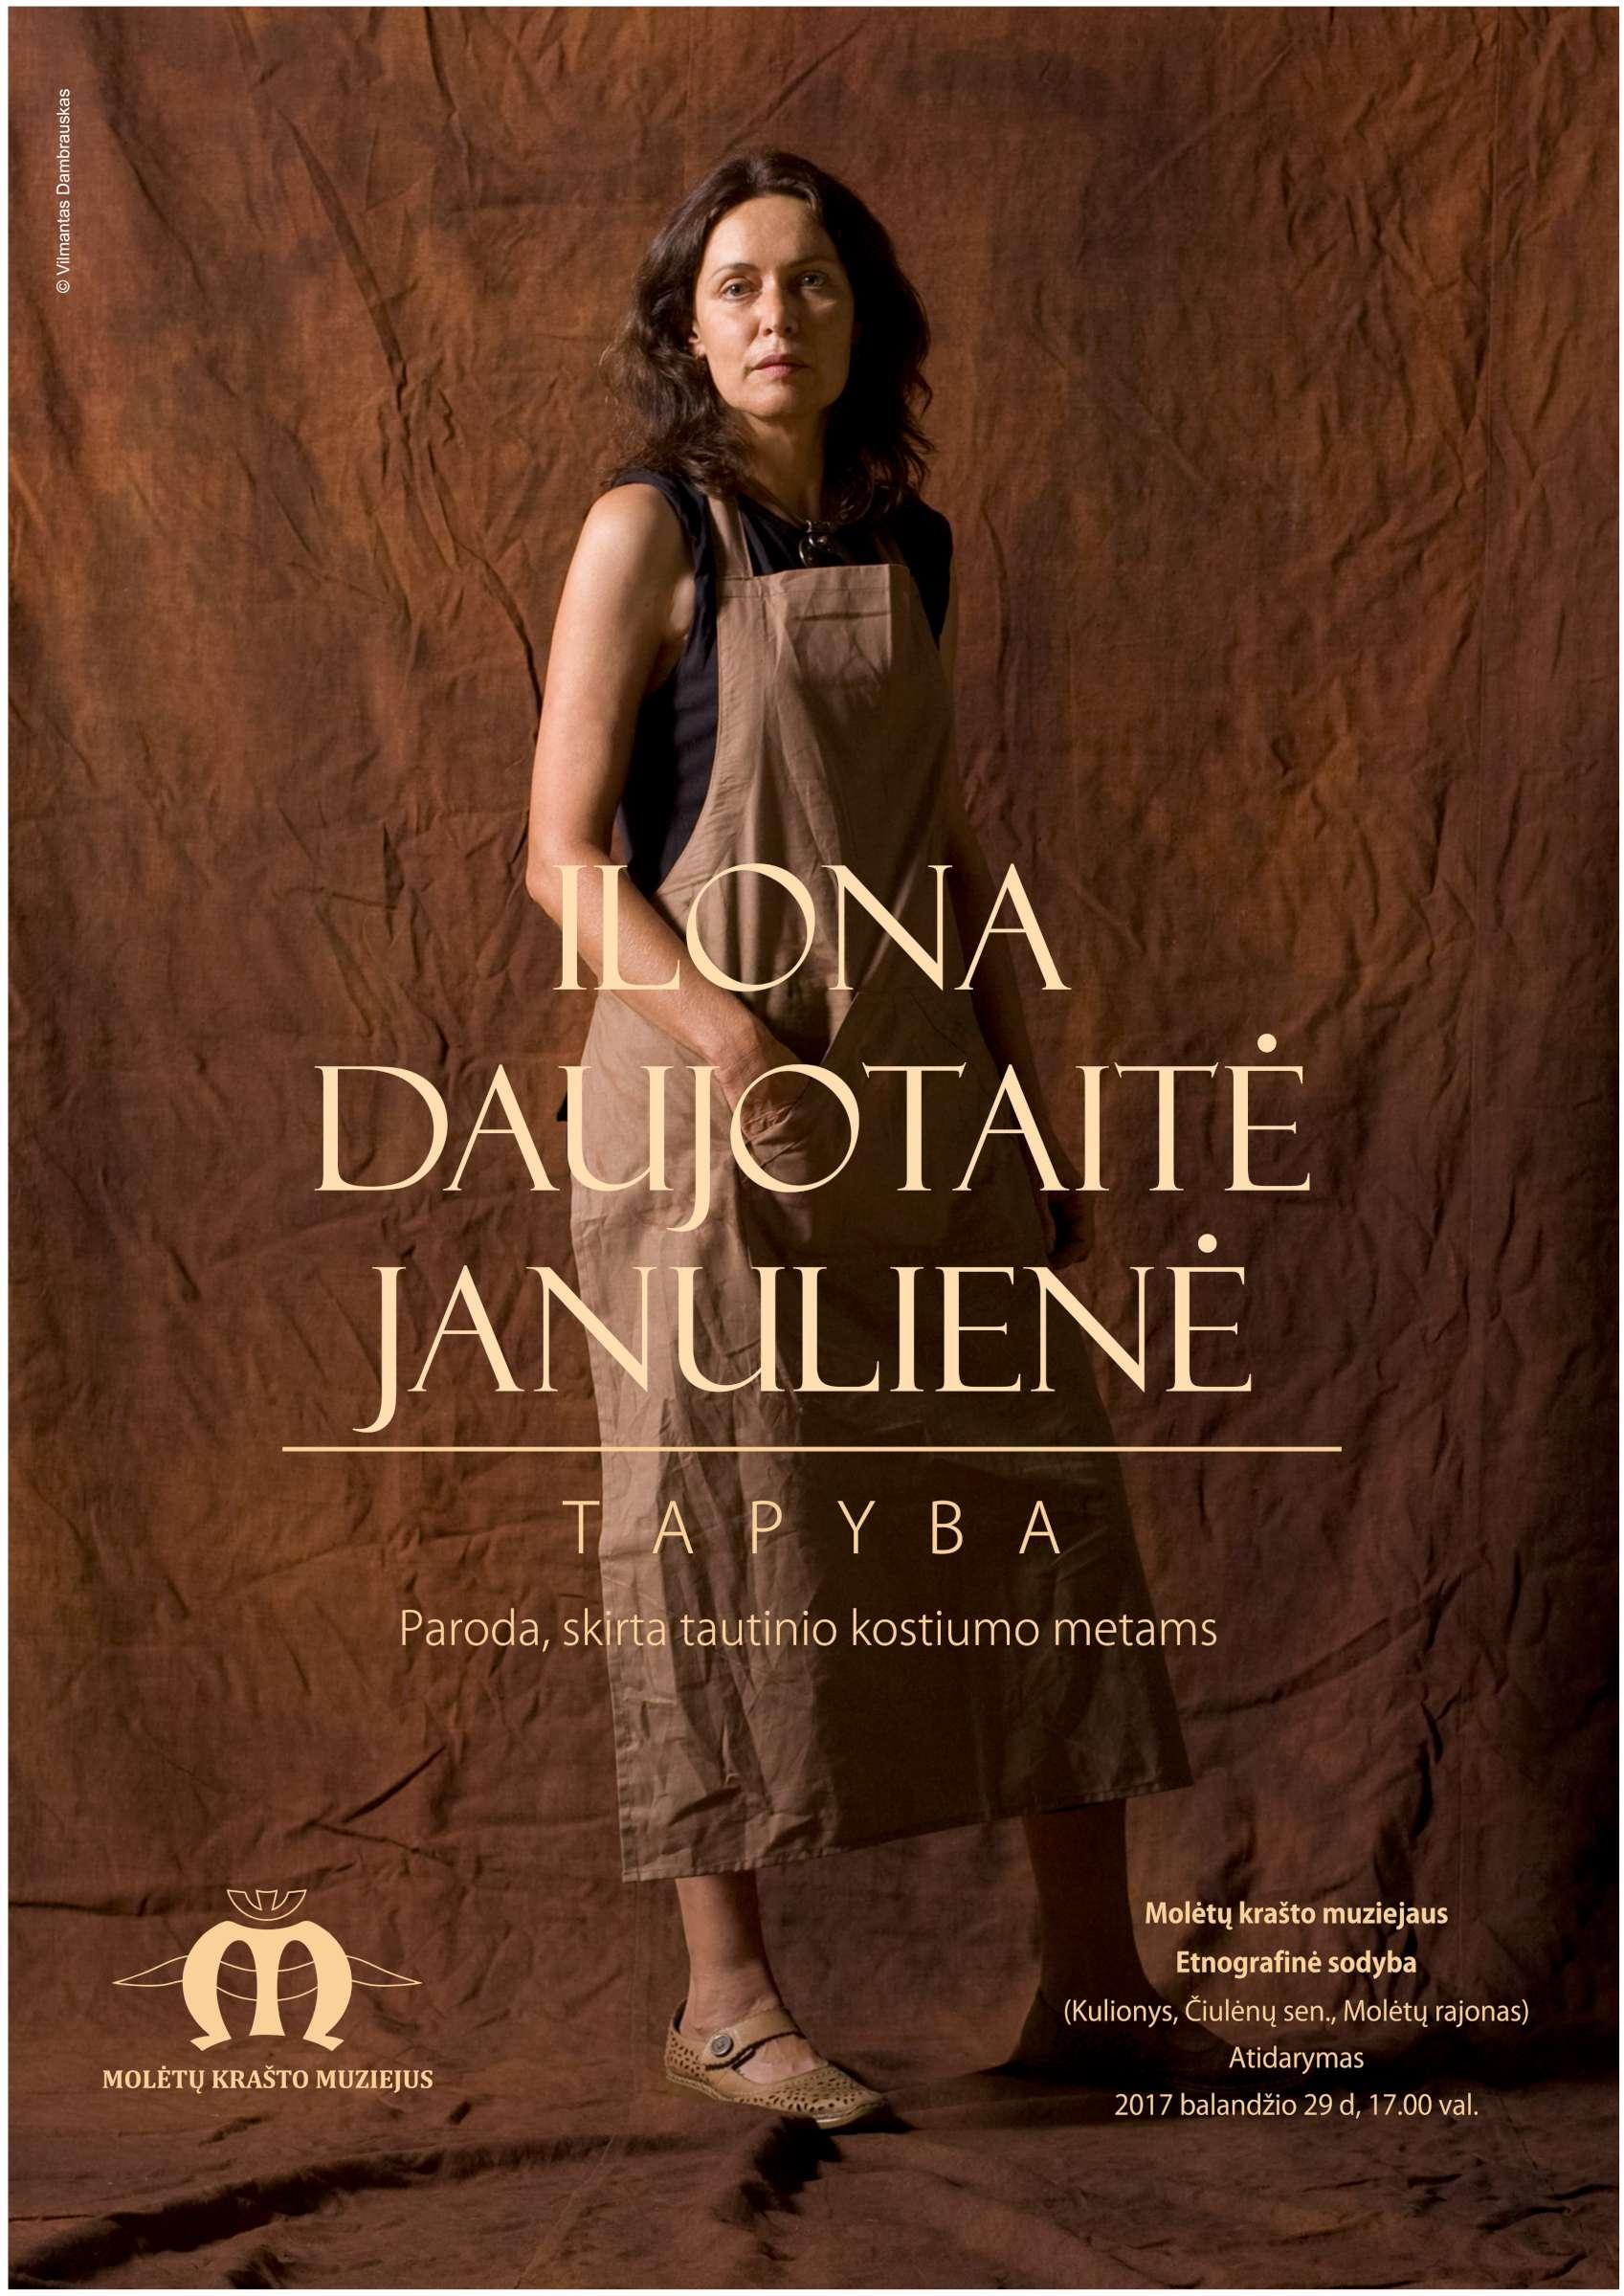 Ilona Moletai poster (1)-K300